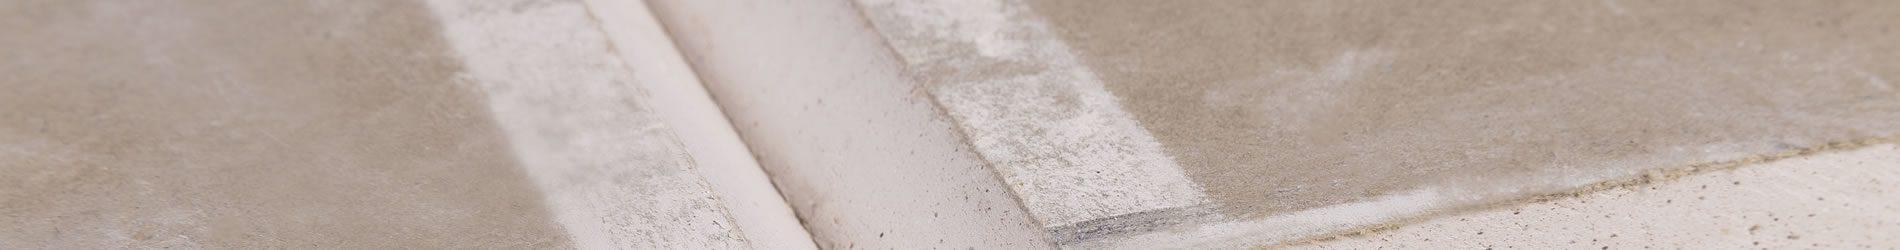 Drywall Pro-Cut